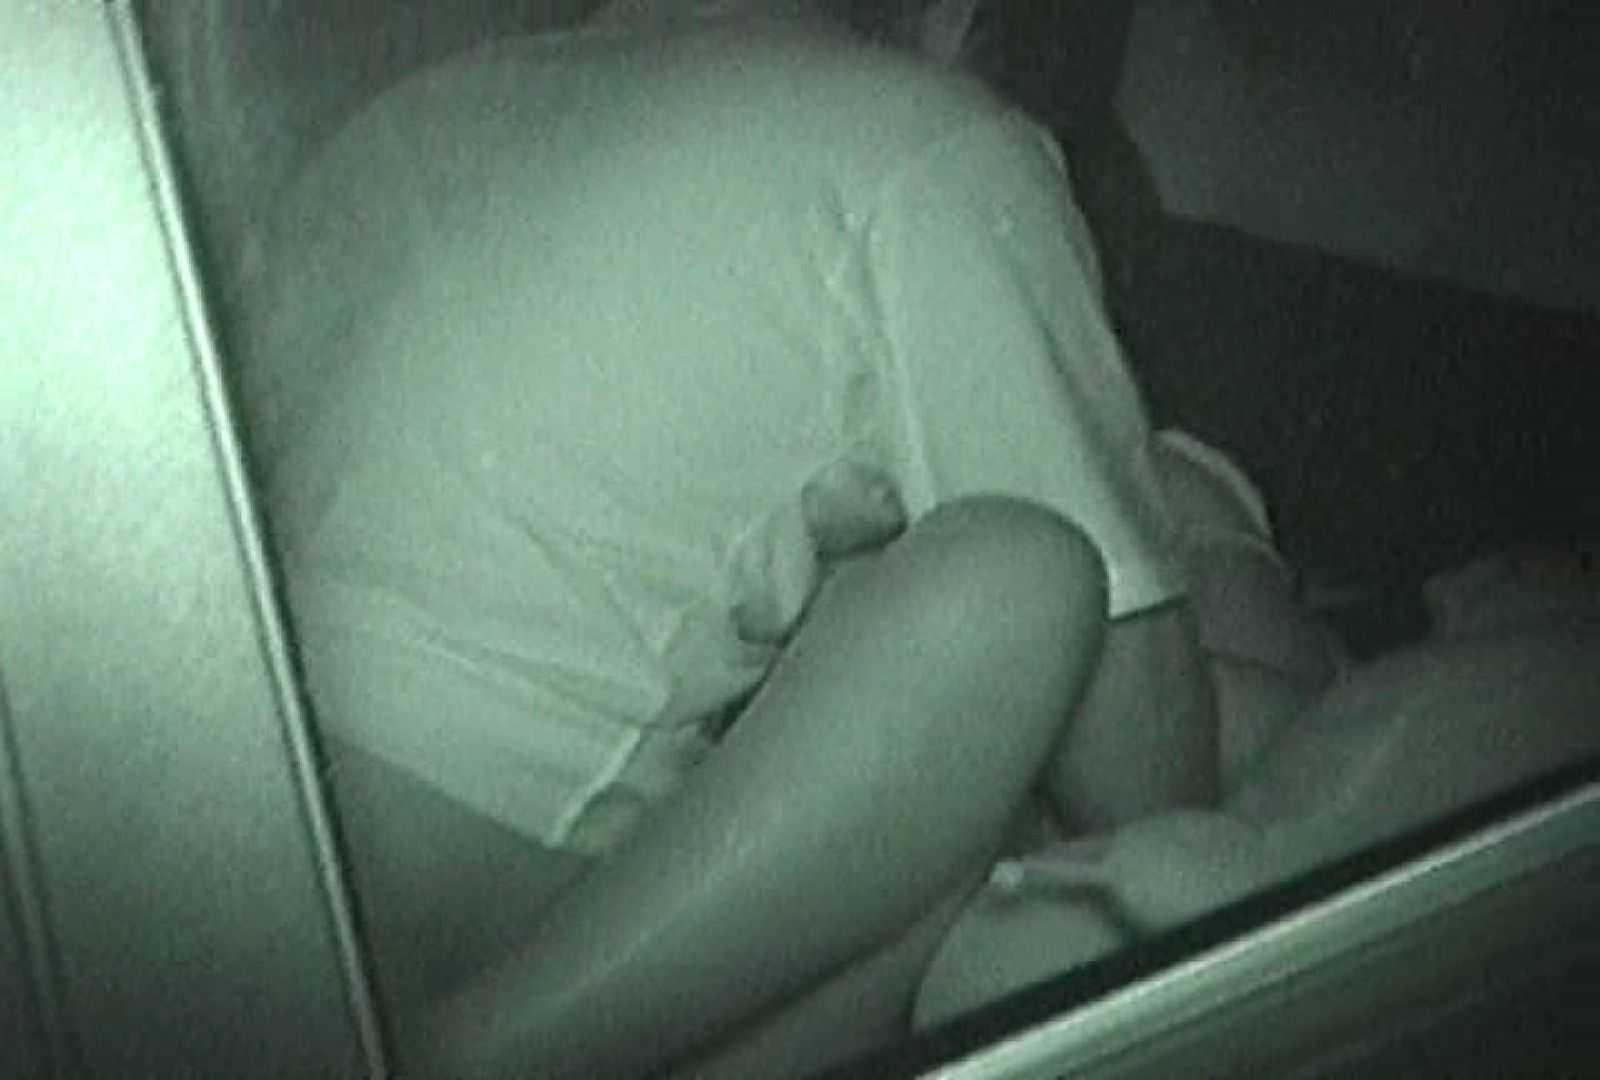 充血監督の深夜の運動会Vol.92 お姉さんのヌード ヌード画像 82画像 29